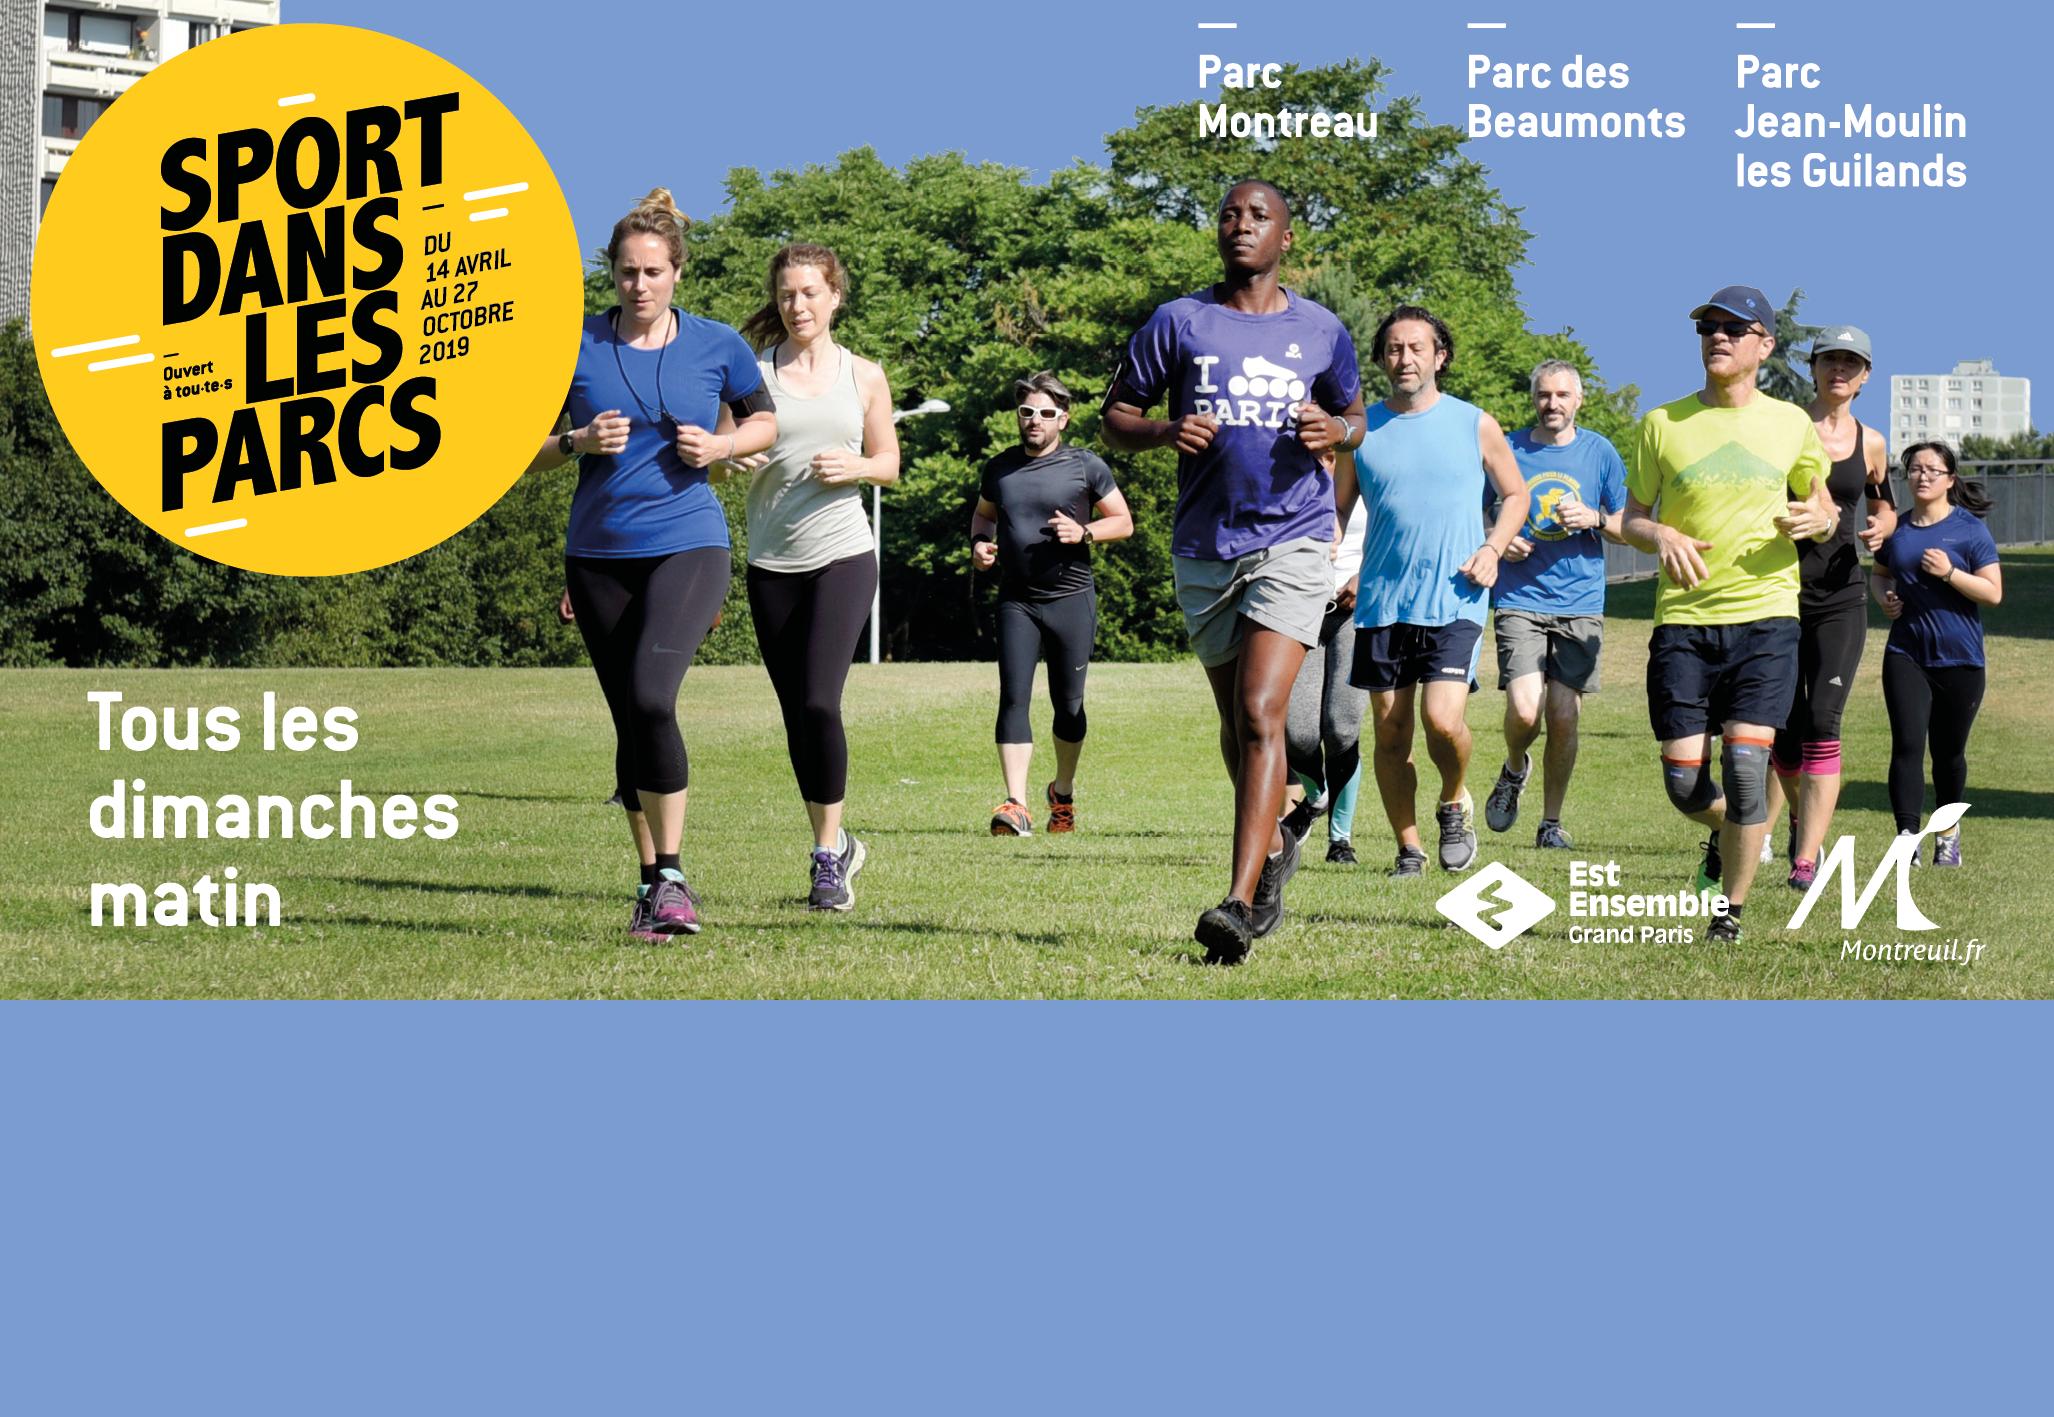 Ville De Montreuil -Sport Dans Les Parcs 2019 concernant Piscine Des Murs À Pêche Montreuil